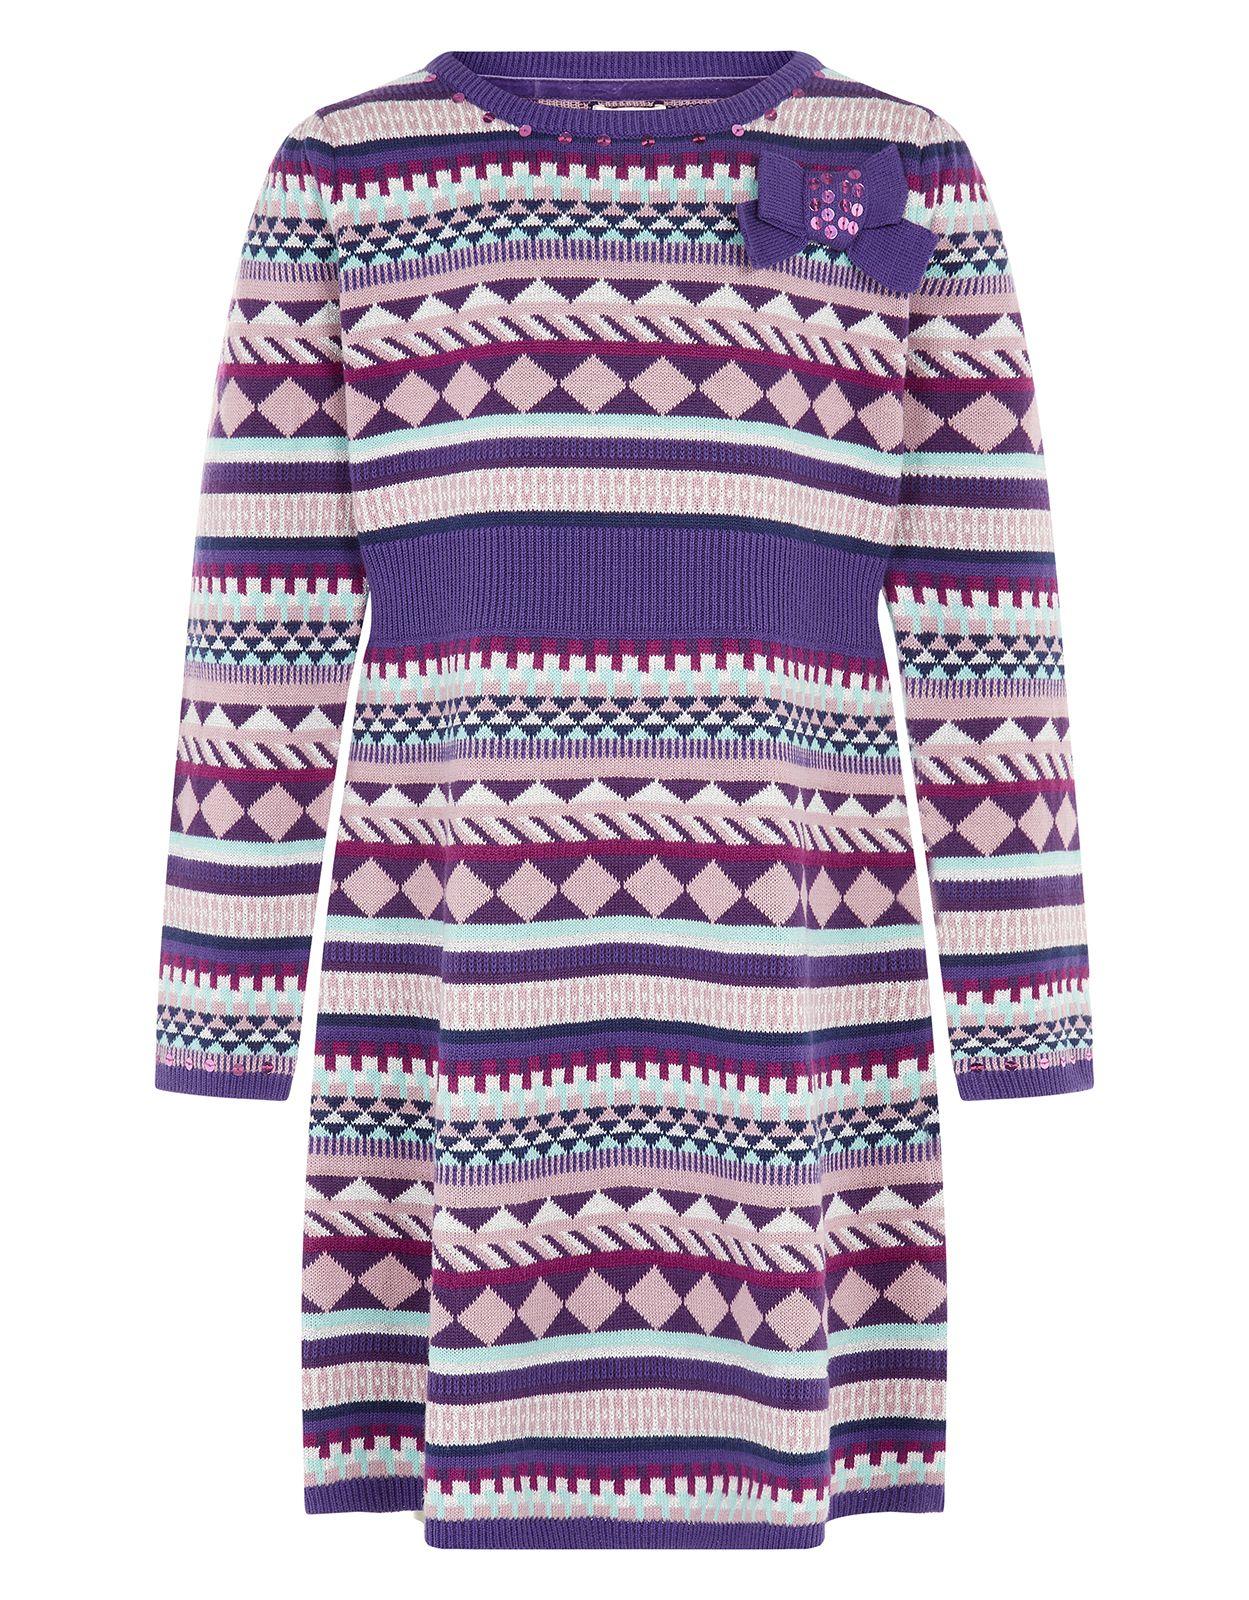 Geo Knitted Dress | Multi | Monsoon | dresses for Isla | Pinterest ...